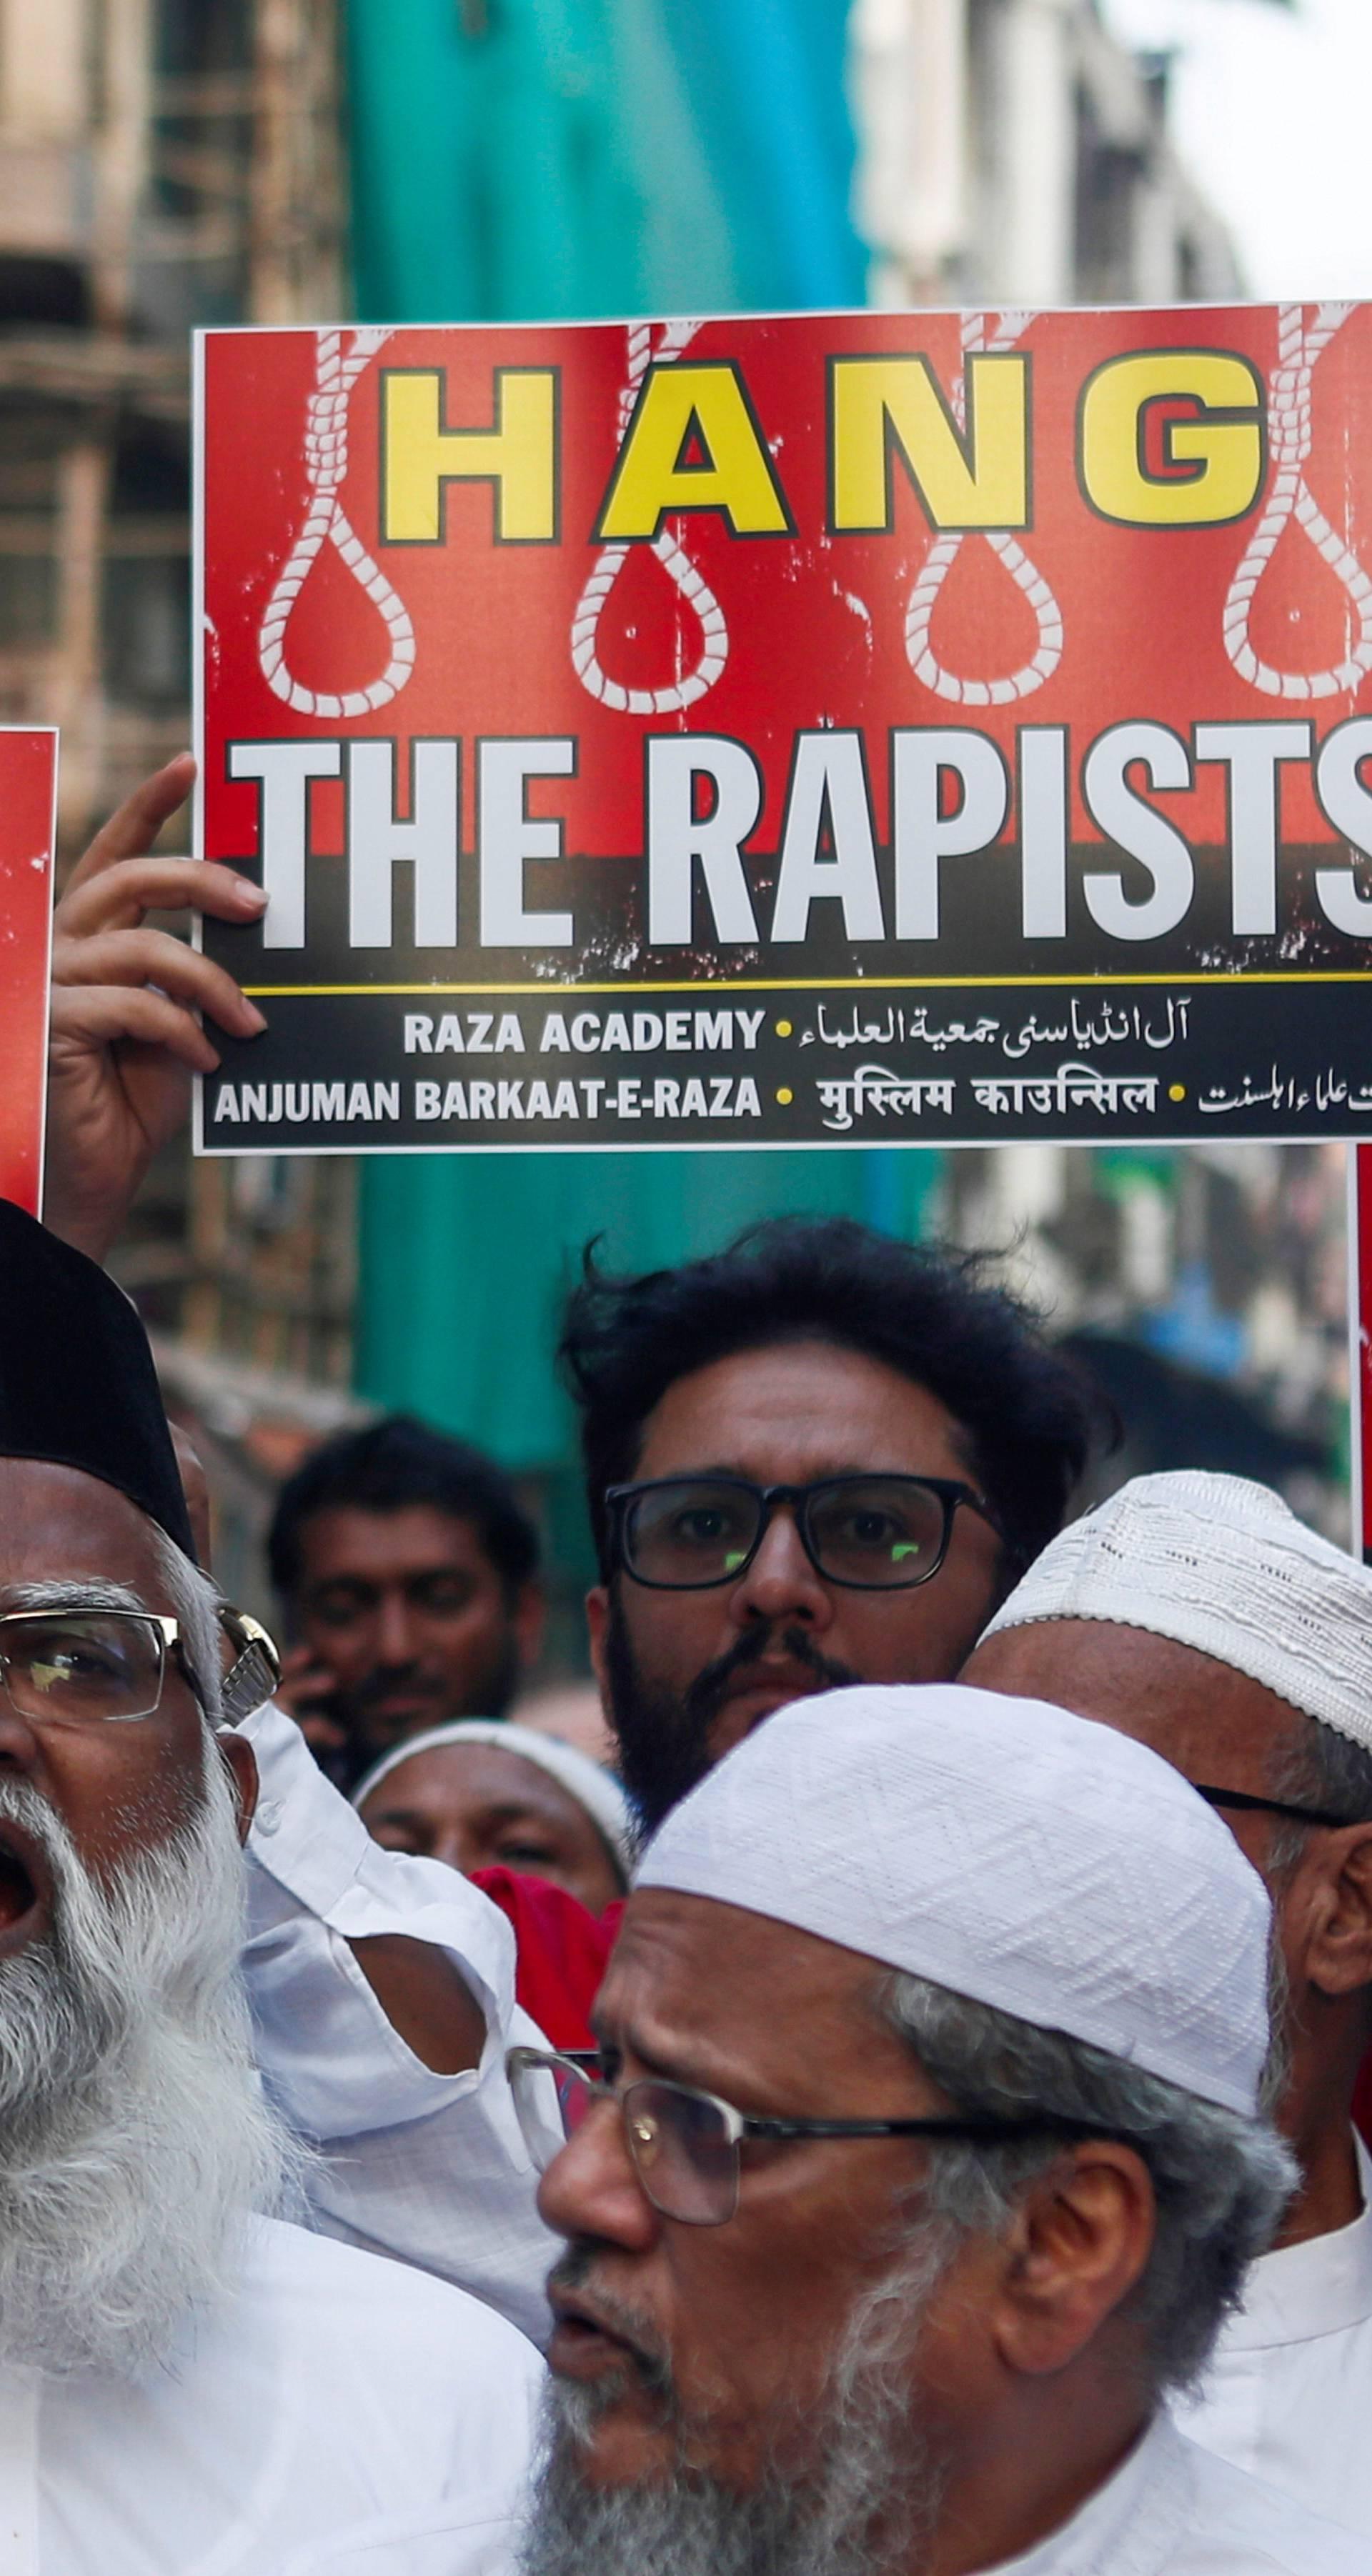 Dvojica uhićena zbog silovanja i ubojstva djevojčice (13) u Indiji